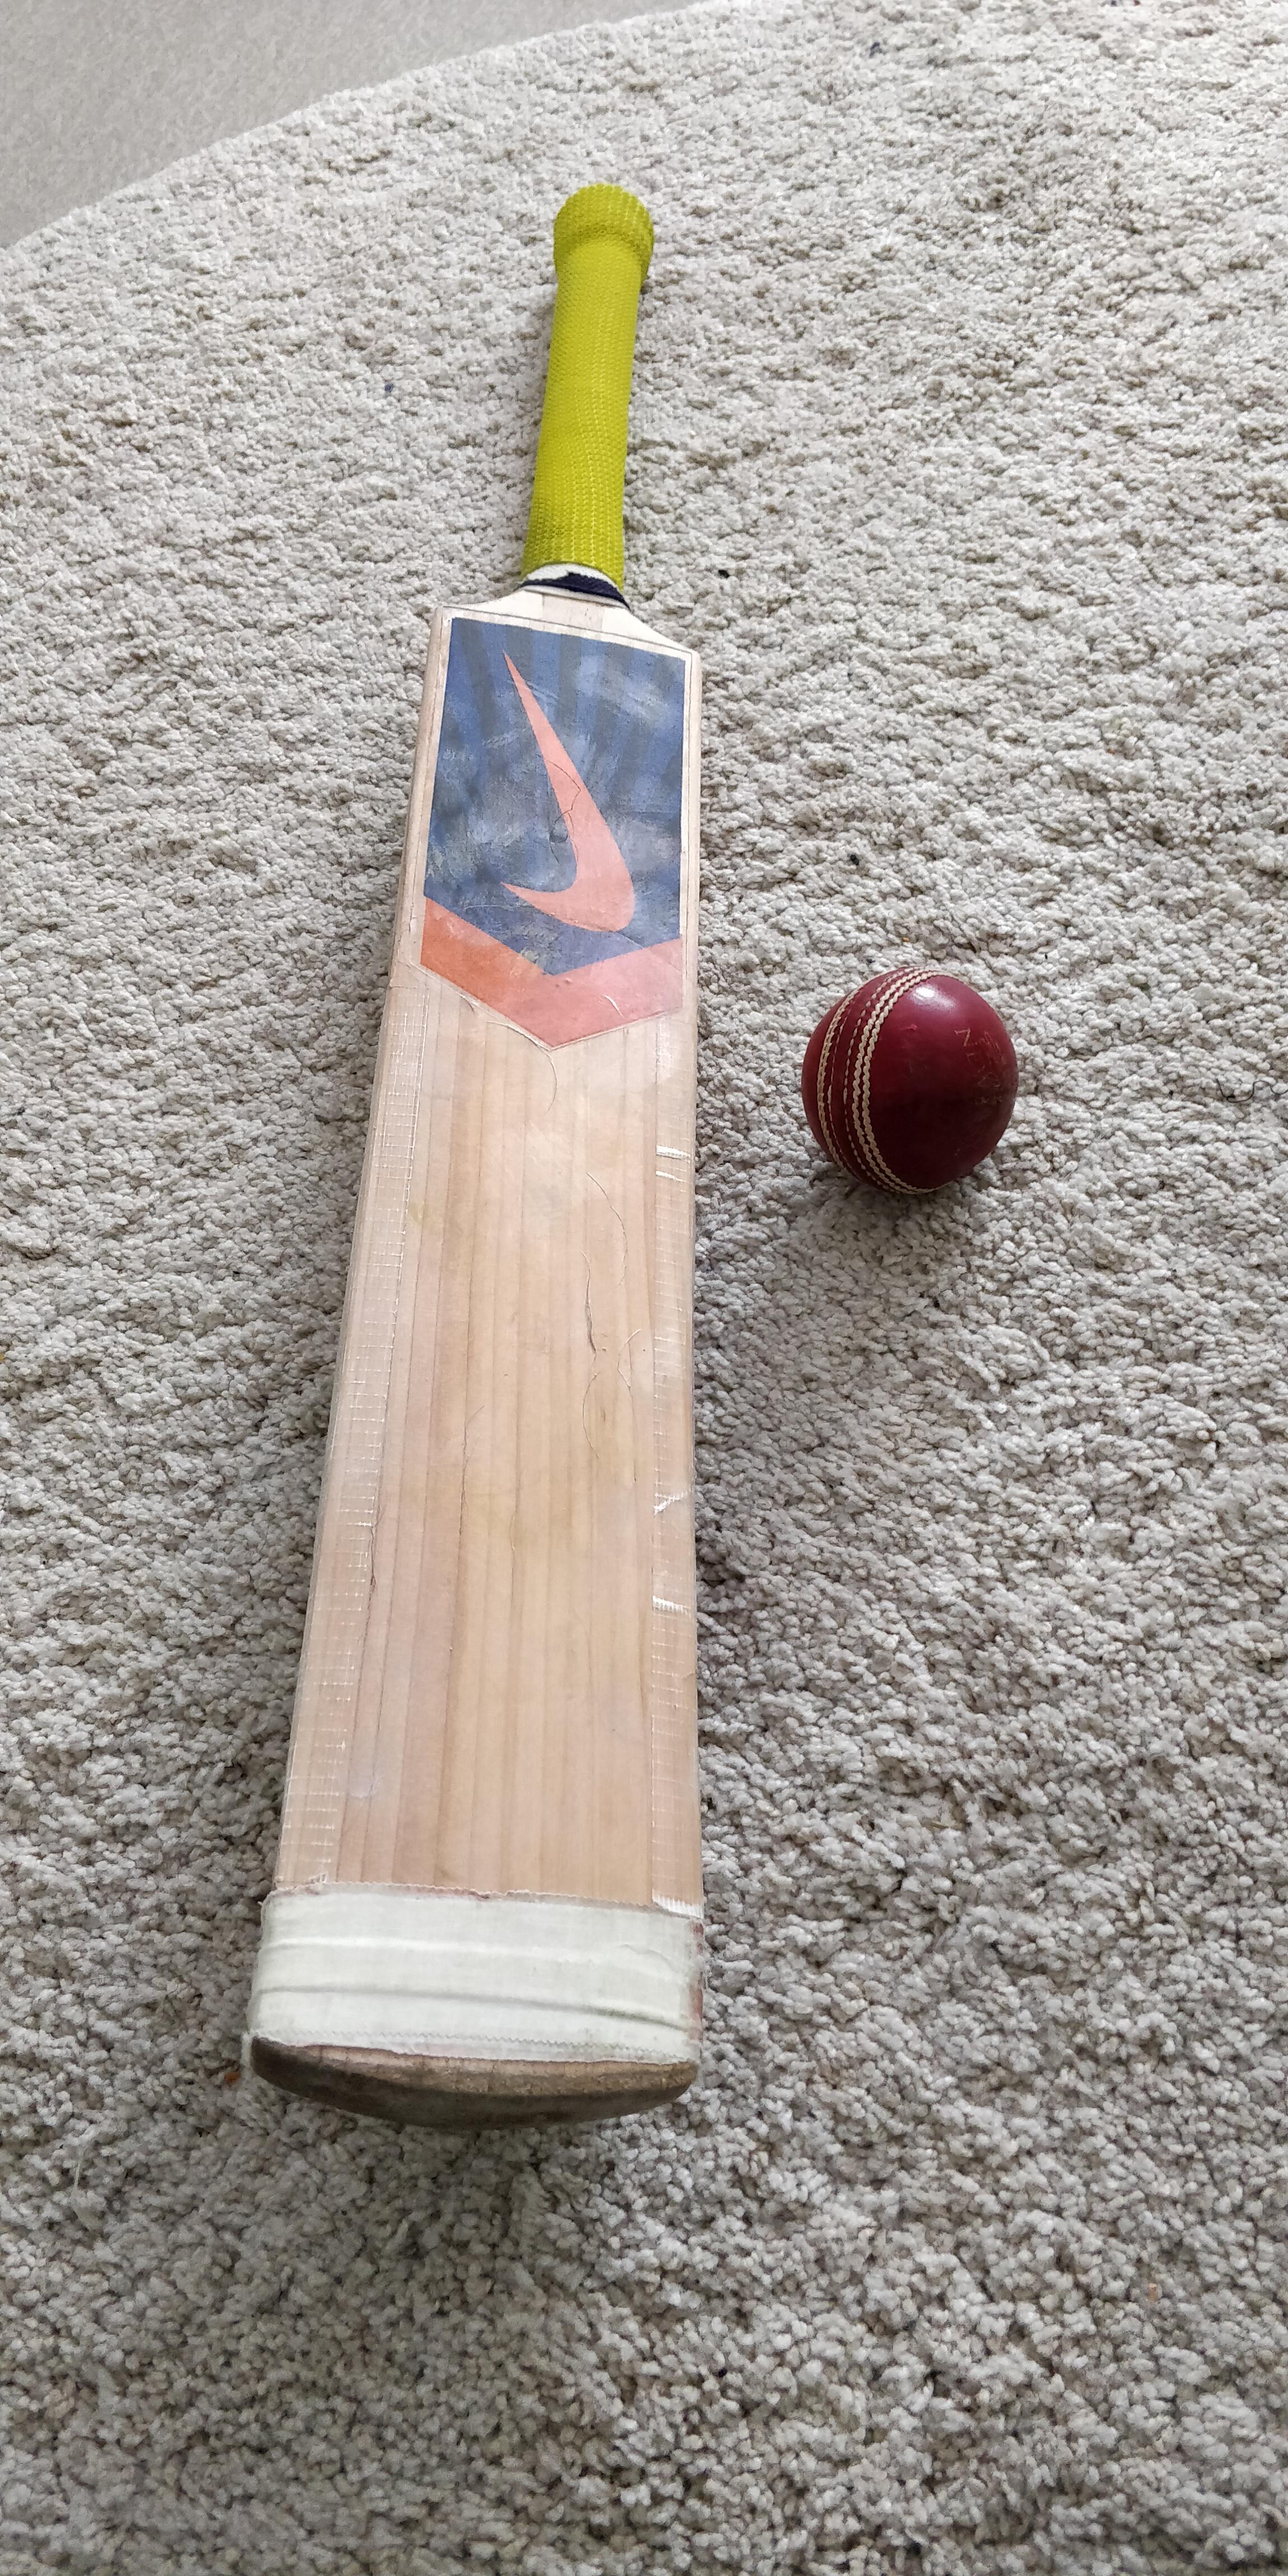 Mitä on krikettipelaajan laukussa?